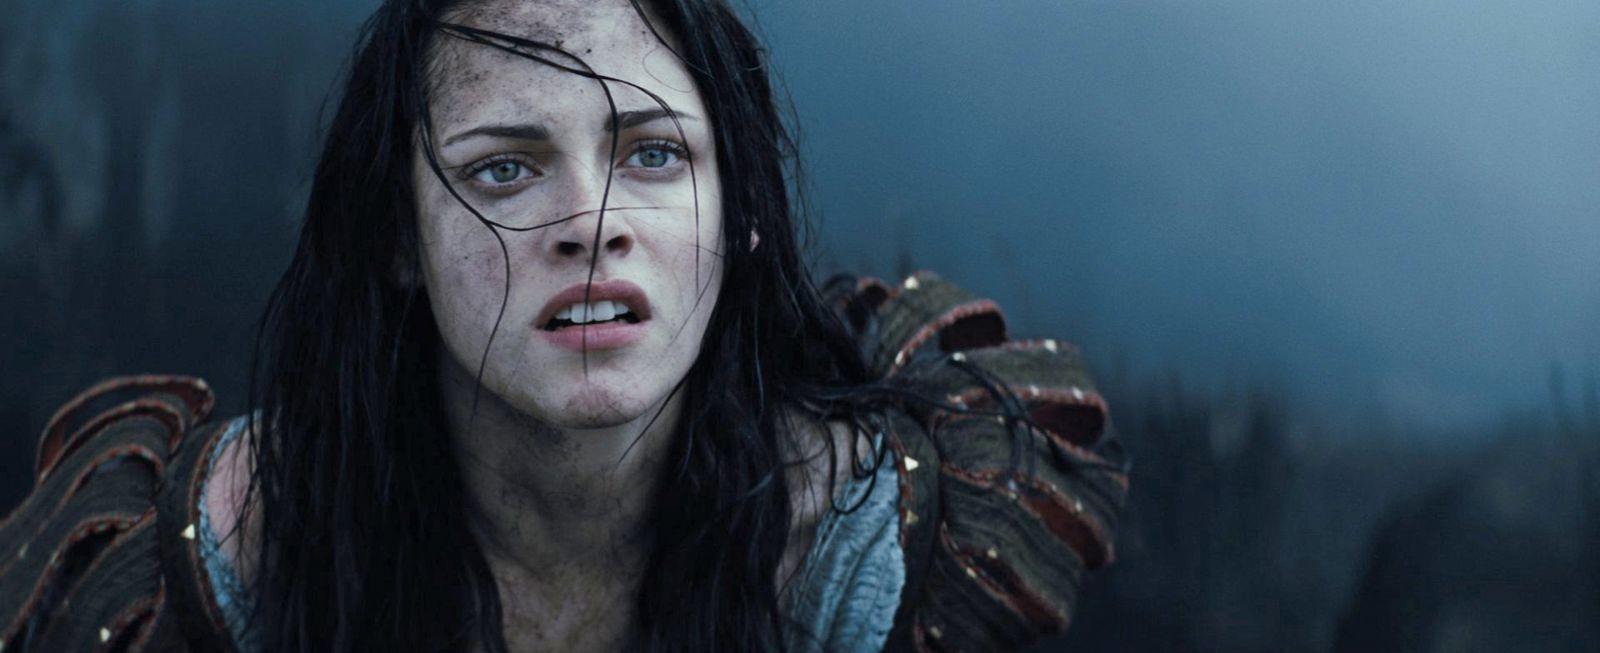 Branca de Neve ganha nova versão com atriz de Crepúsculo